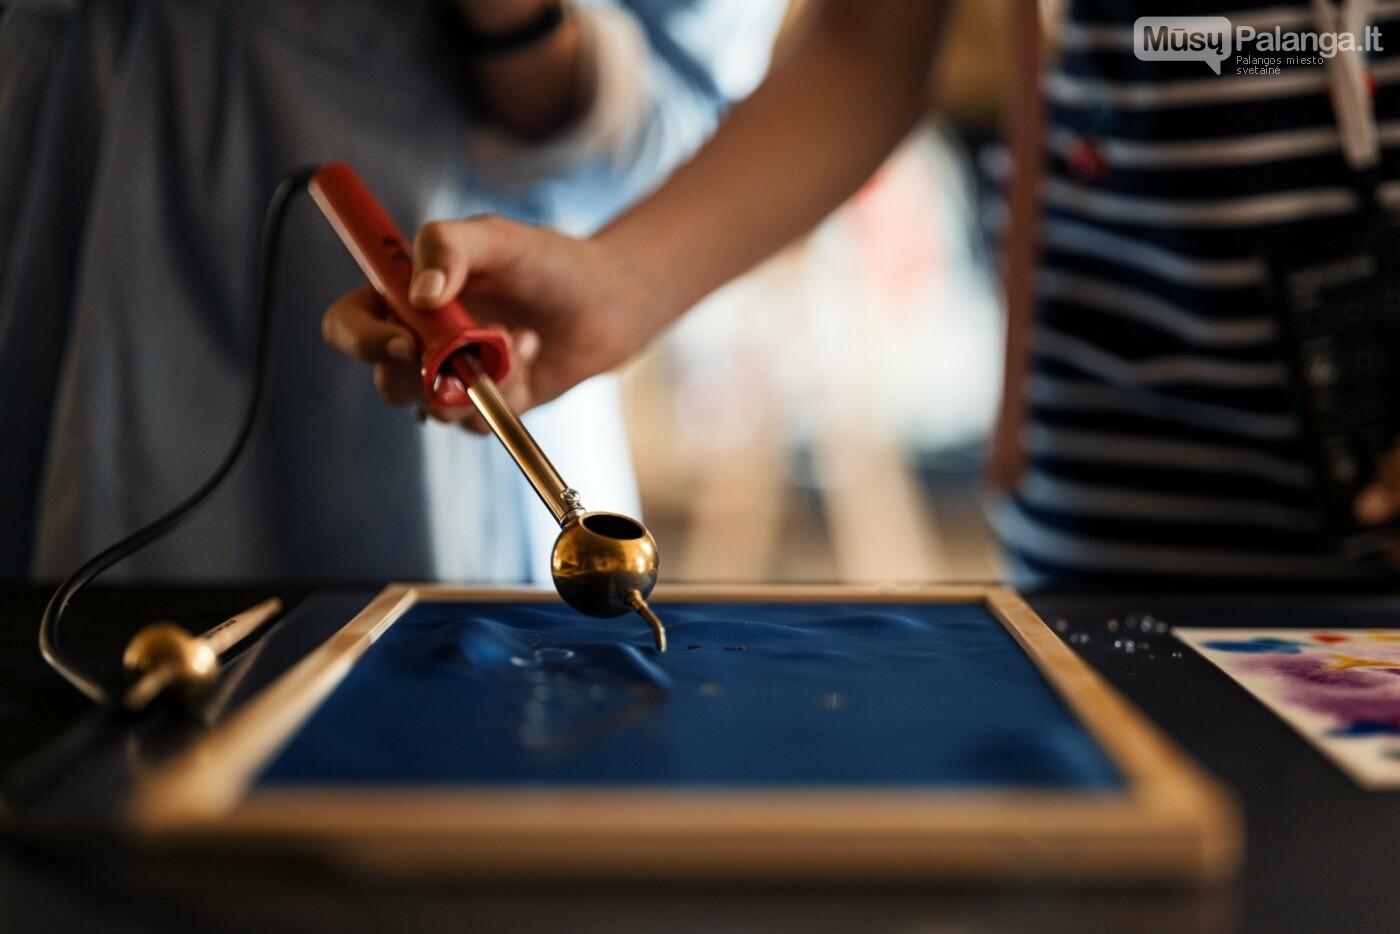 Didžiausia šilko kolekcija įsikurs Palangoje: kvies apžiūrėti neįprastu būdu, nuotrauka-6